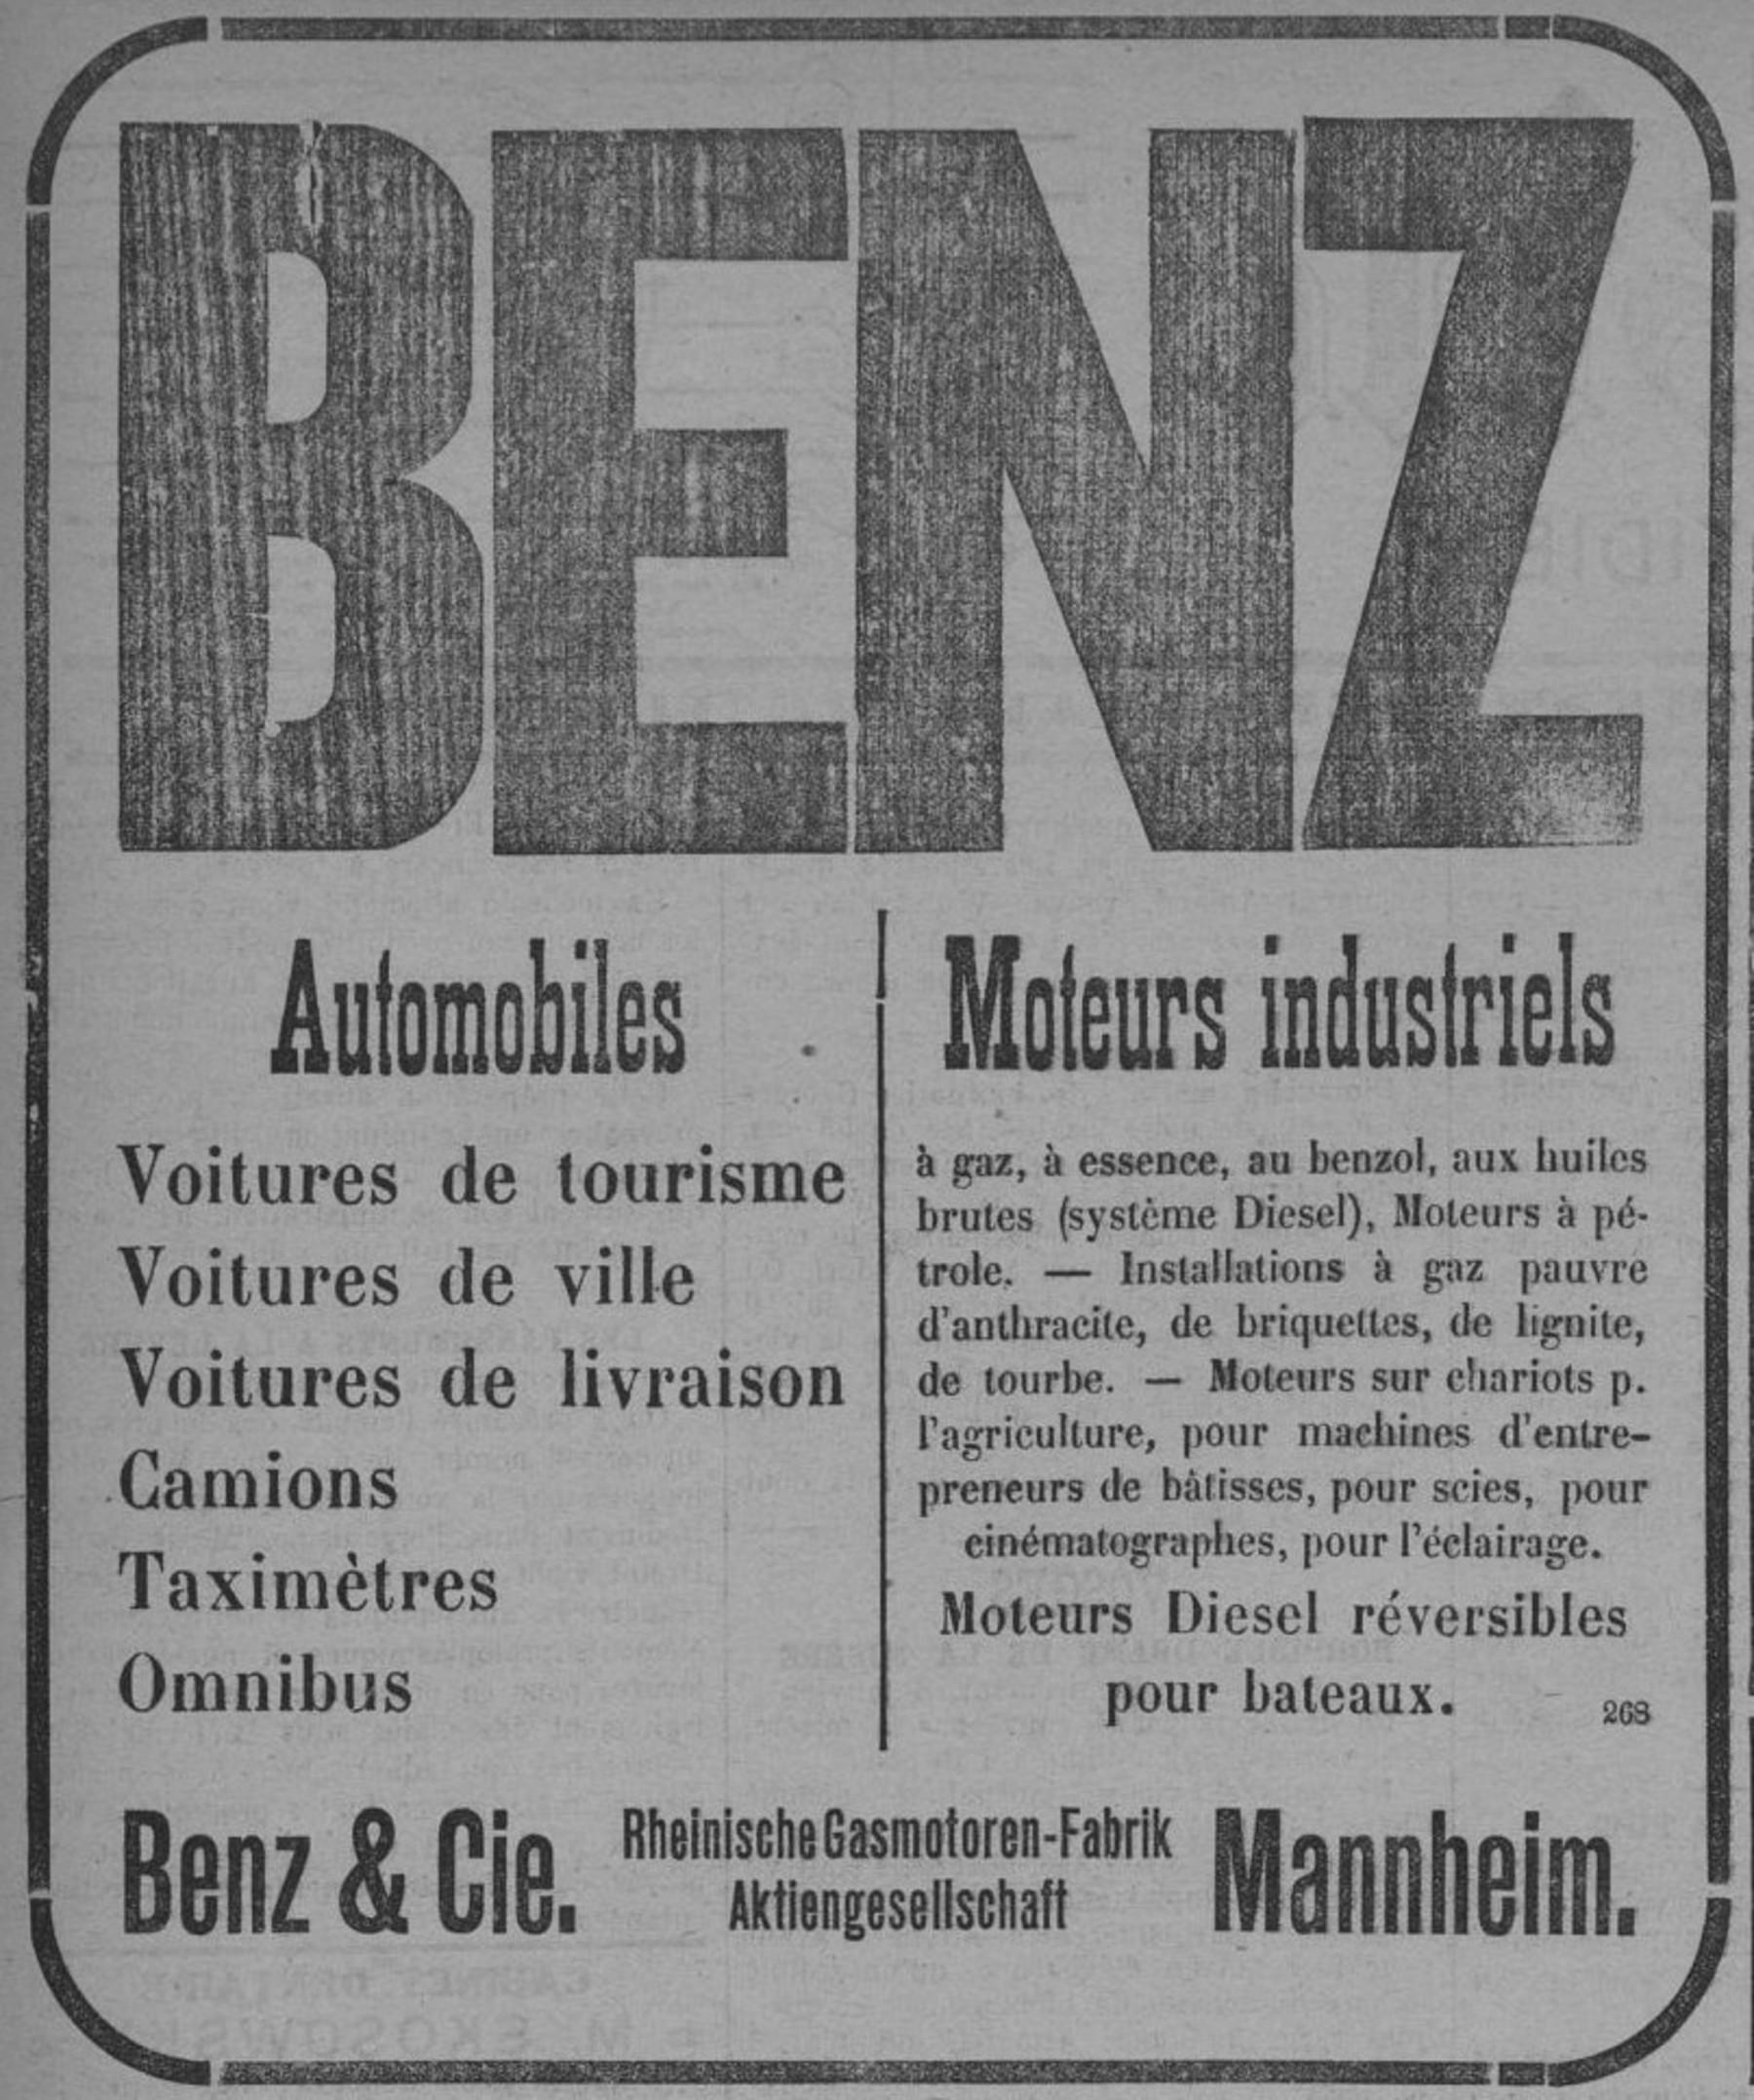 Contenu du Benz, Automobiles, moteurs industriels